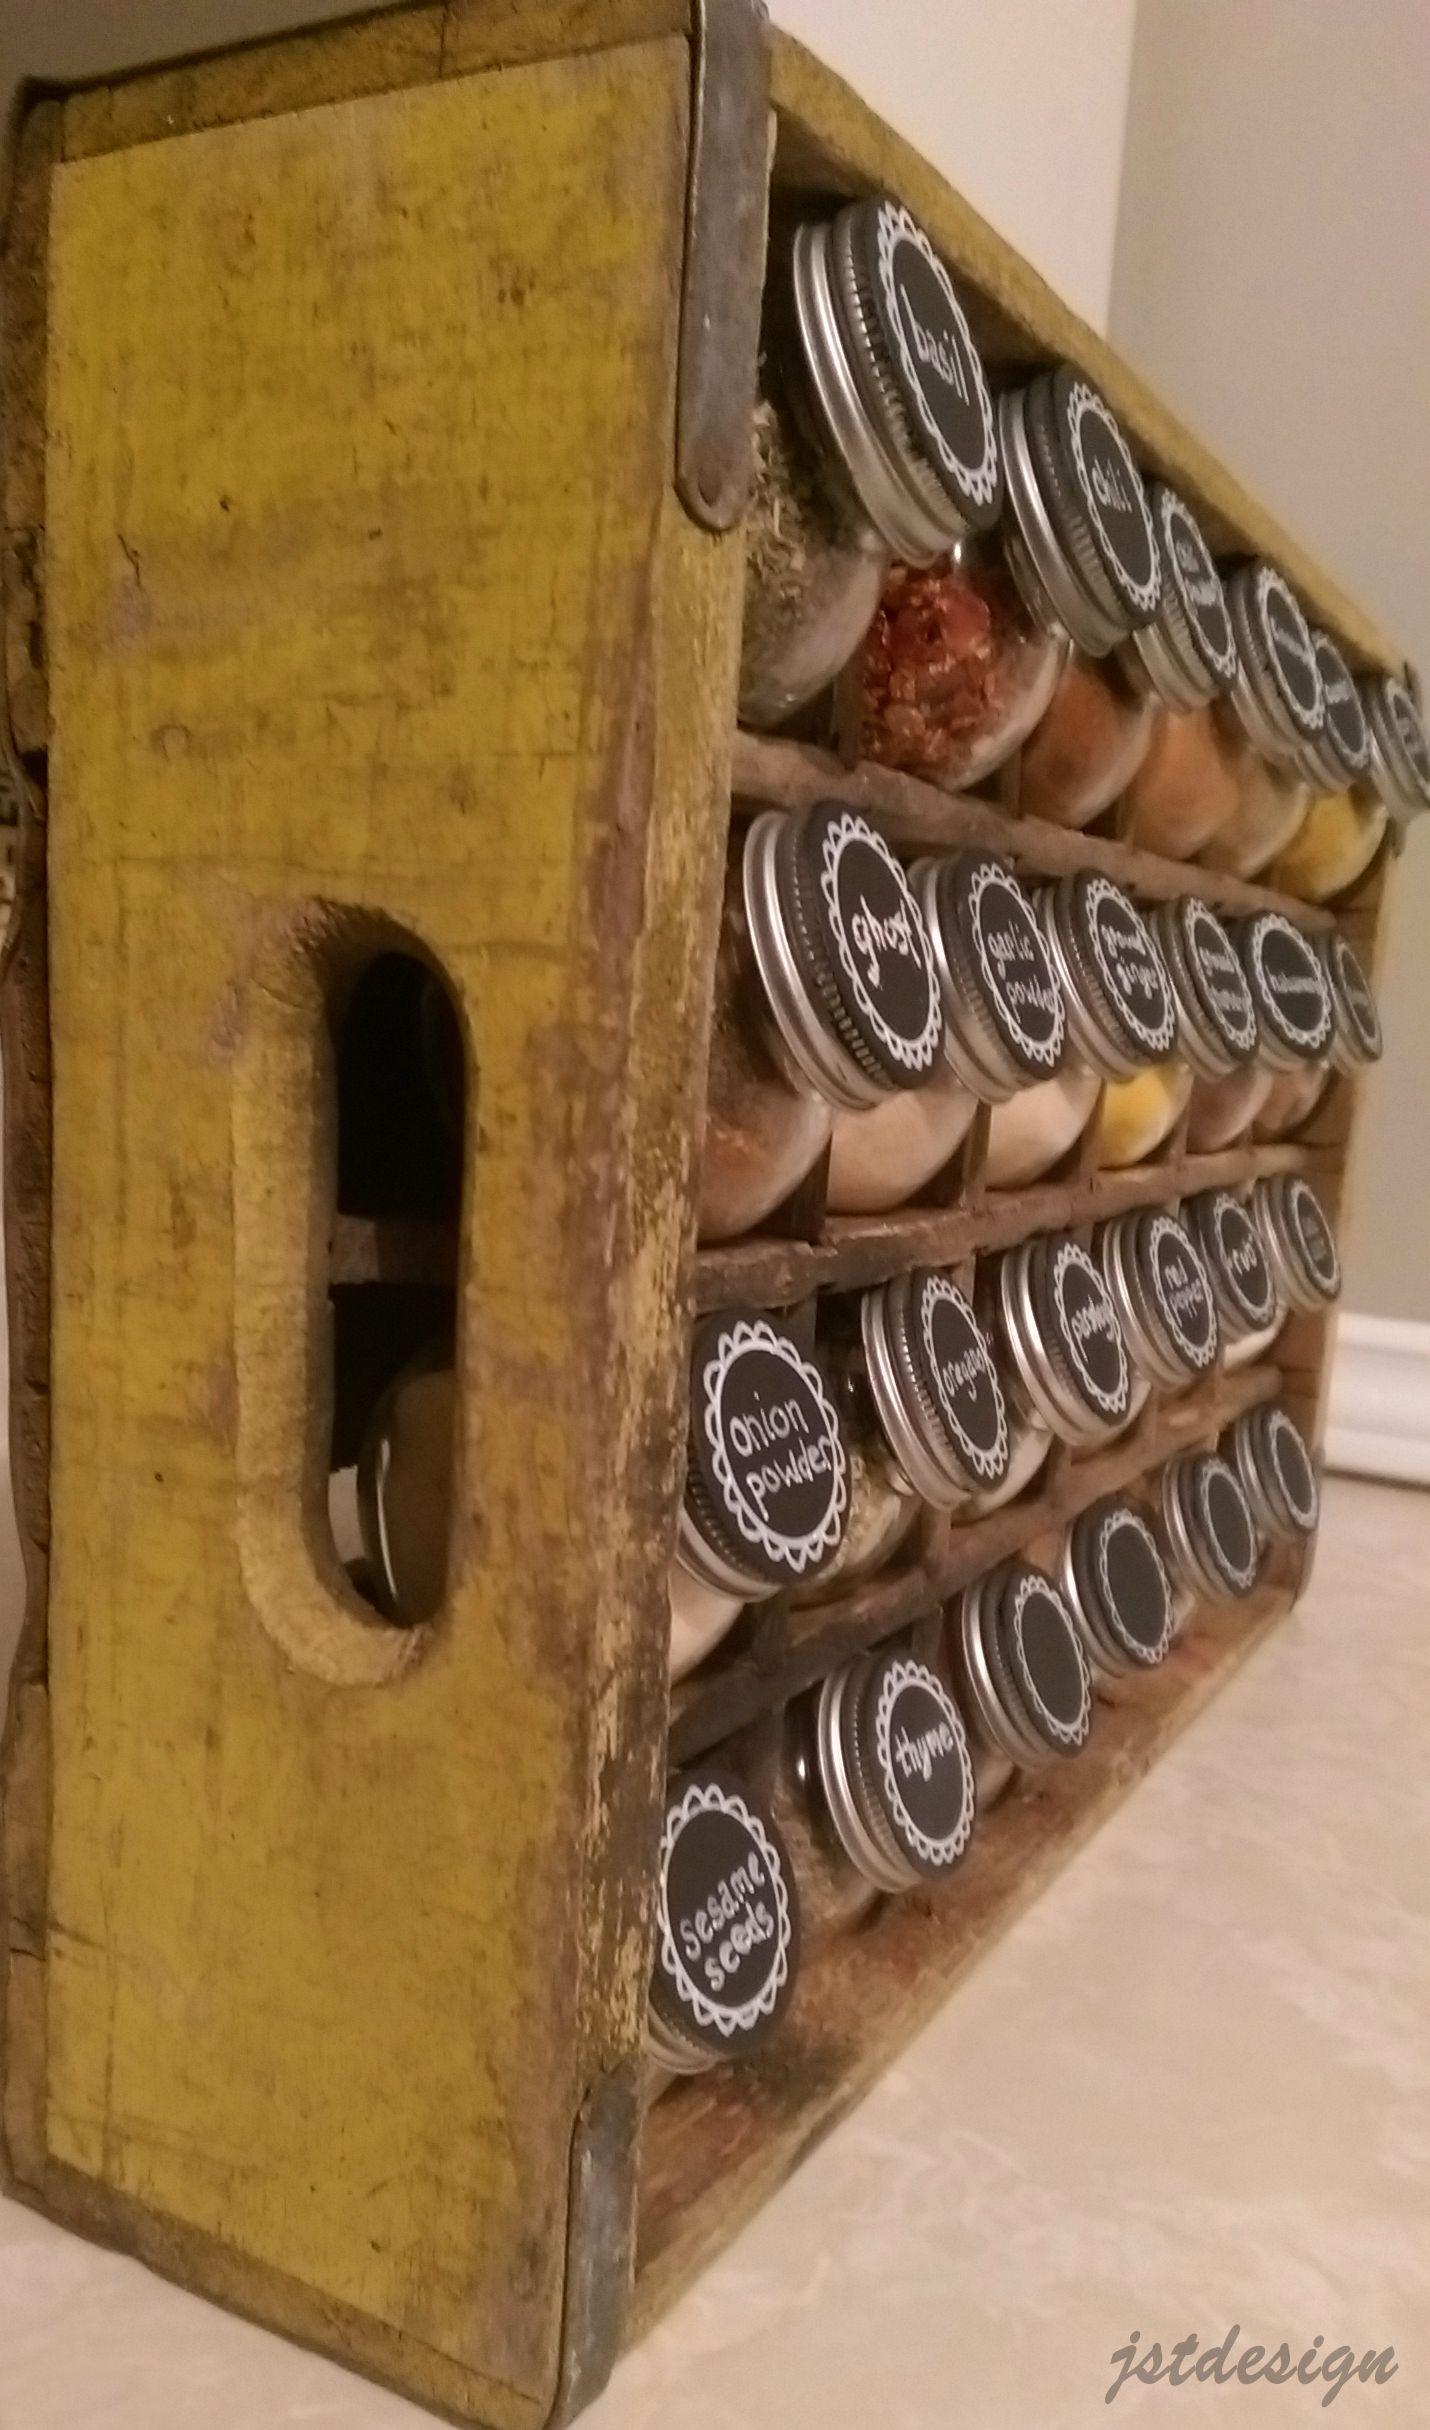 Distressed wooden crate turned spice rack nel 2019 for Accessori per la casa economici